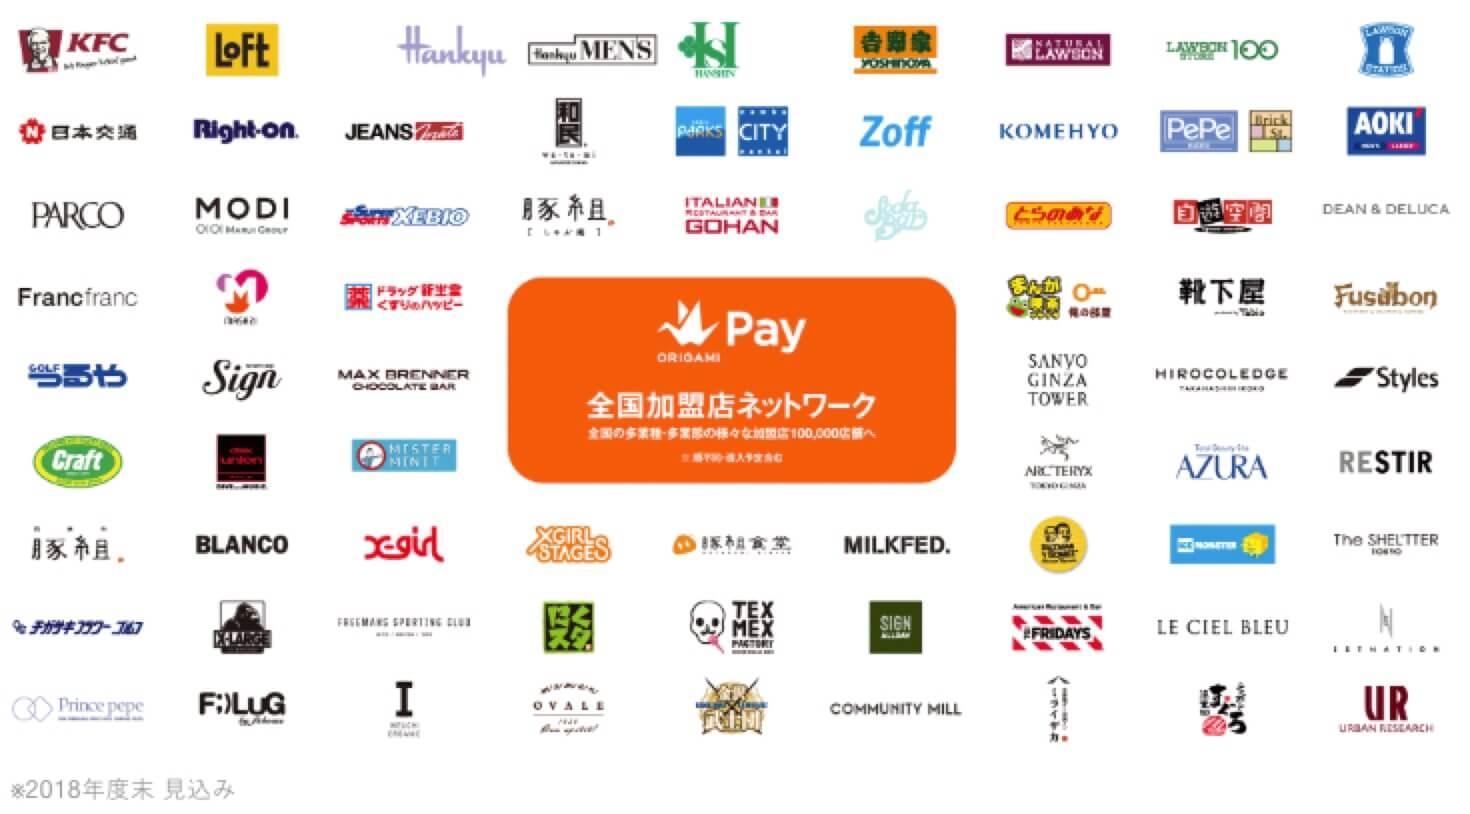 Origami Payの対応店舗